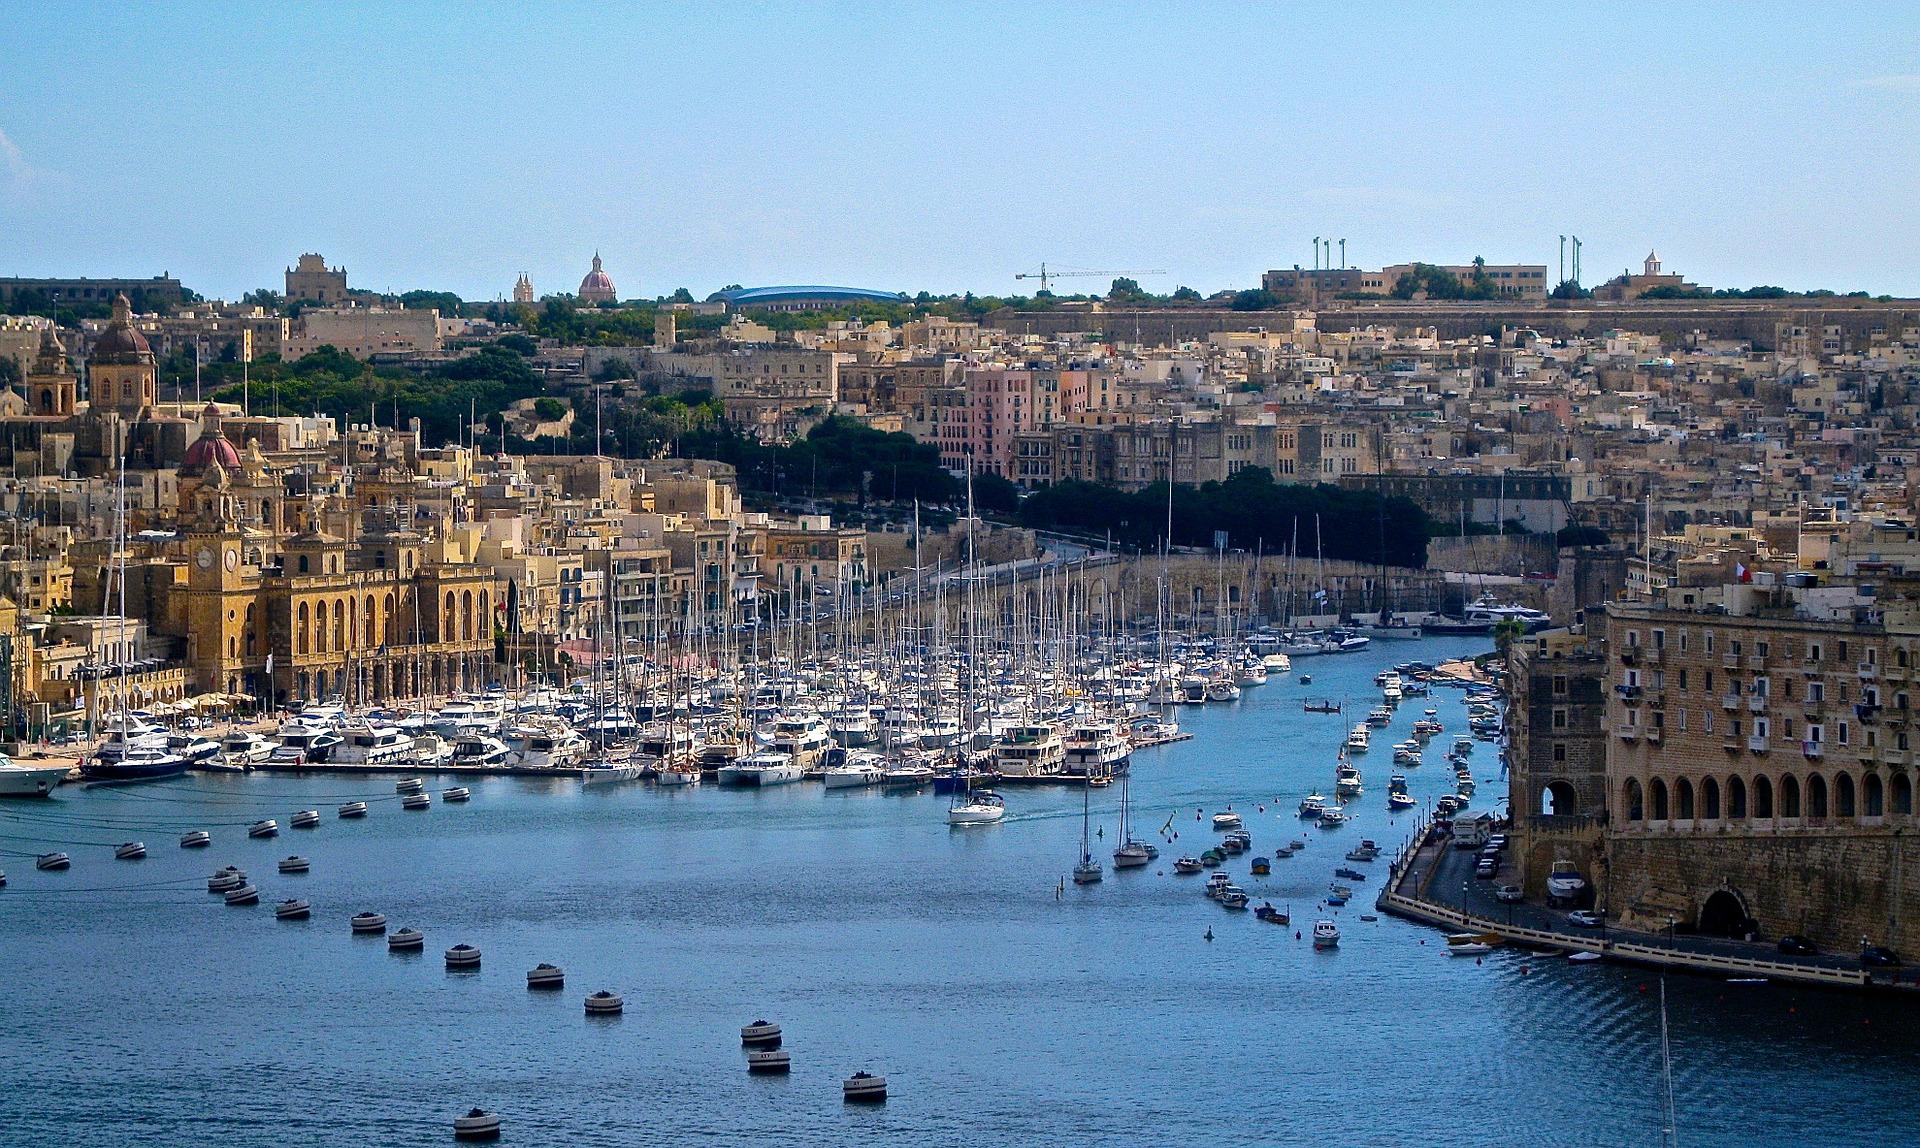 Private detectives and investigators in Malta